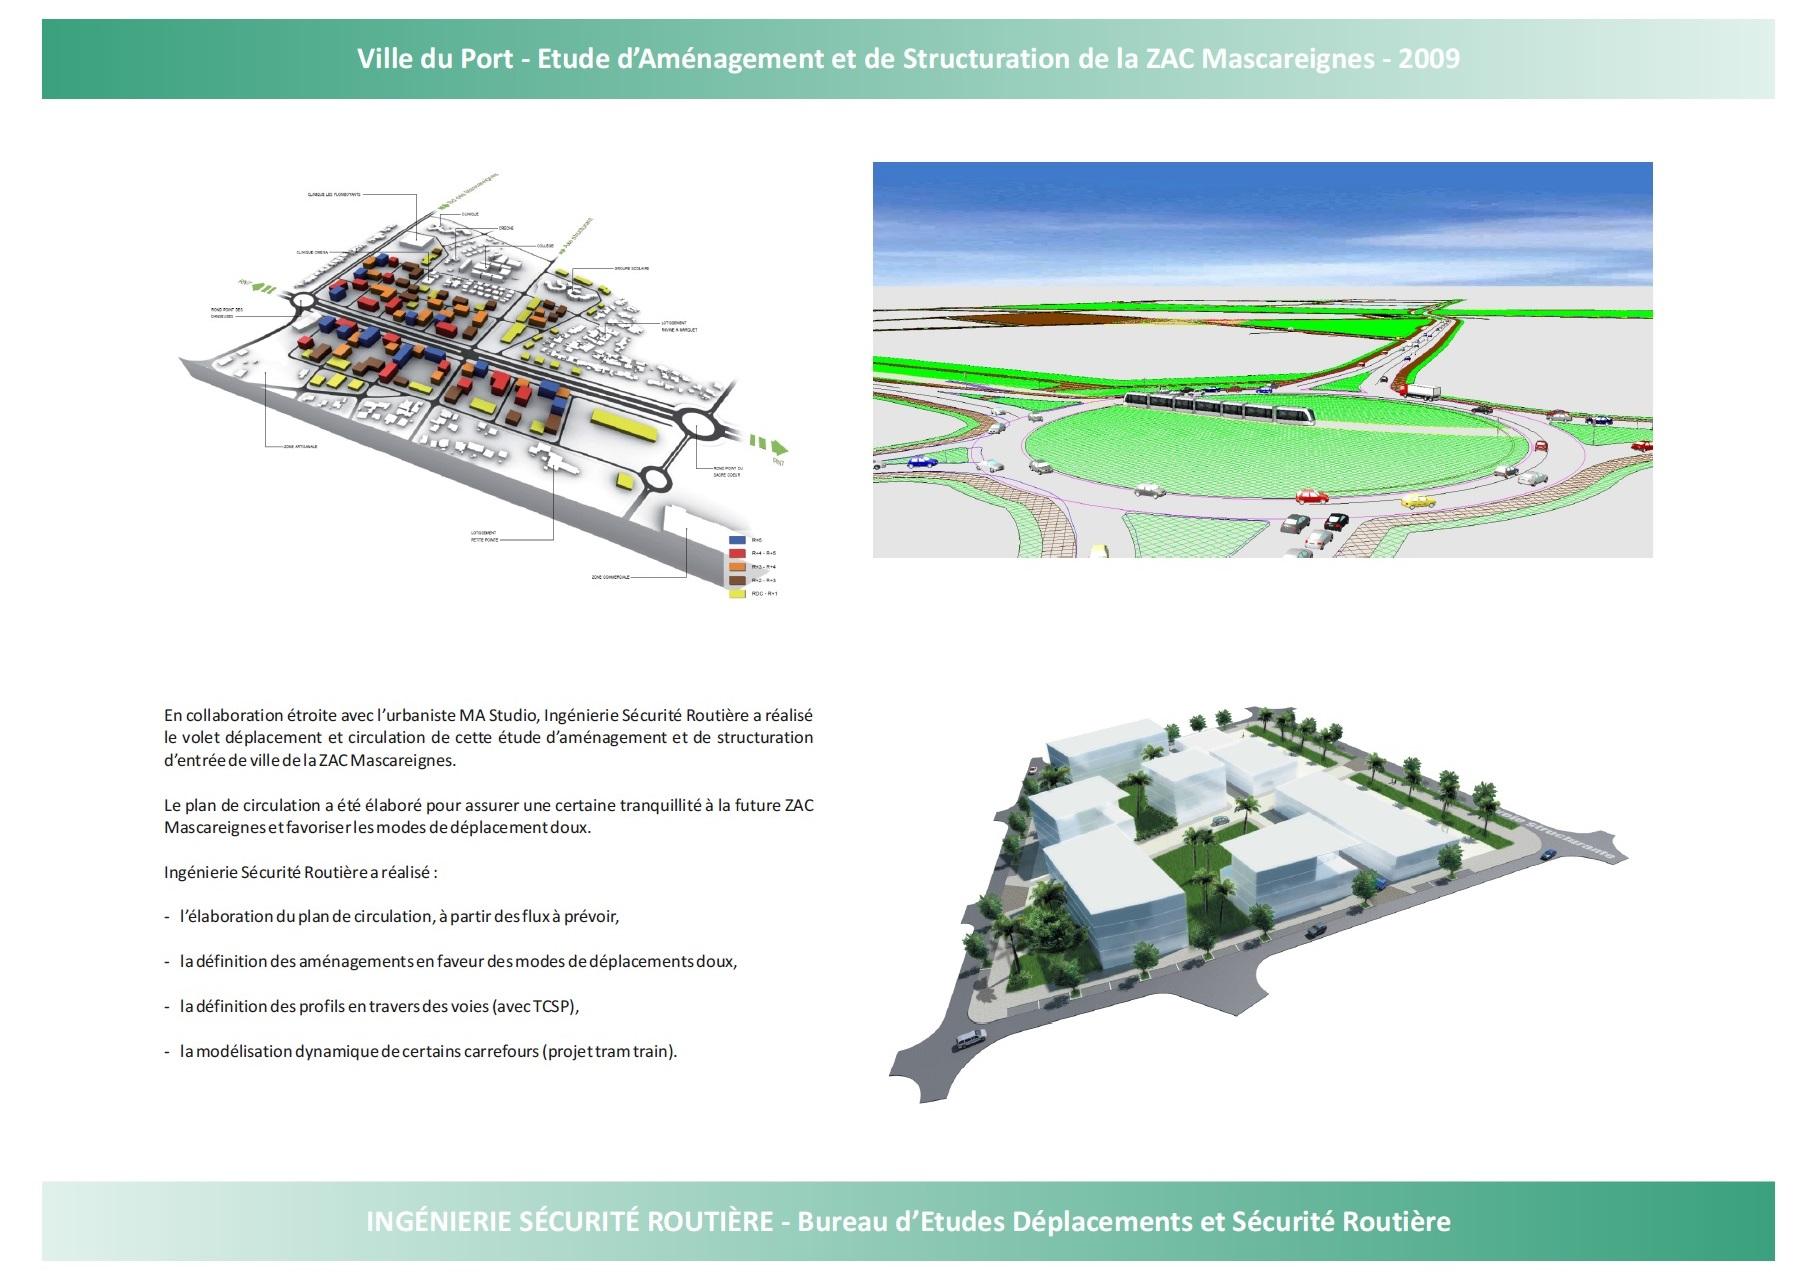 Ville du Port : Etude d'aménagement